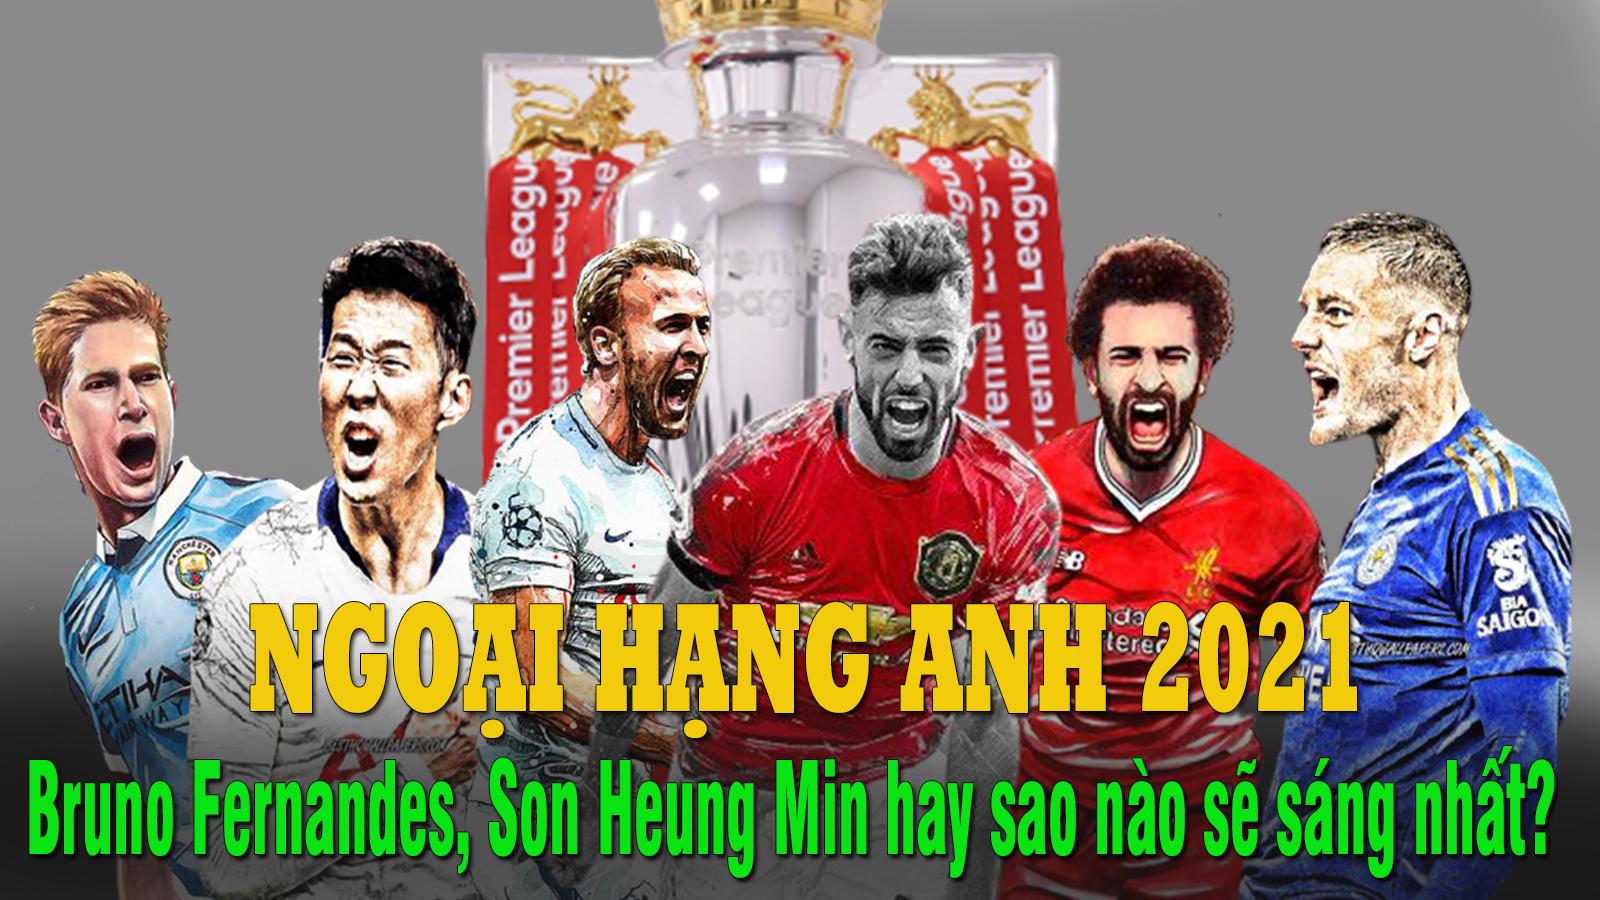 Ngoại hạng Anh 2021: Bruno Fernandes, Son Heung Min hay ai sẽ sáng nhất? - 1